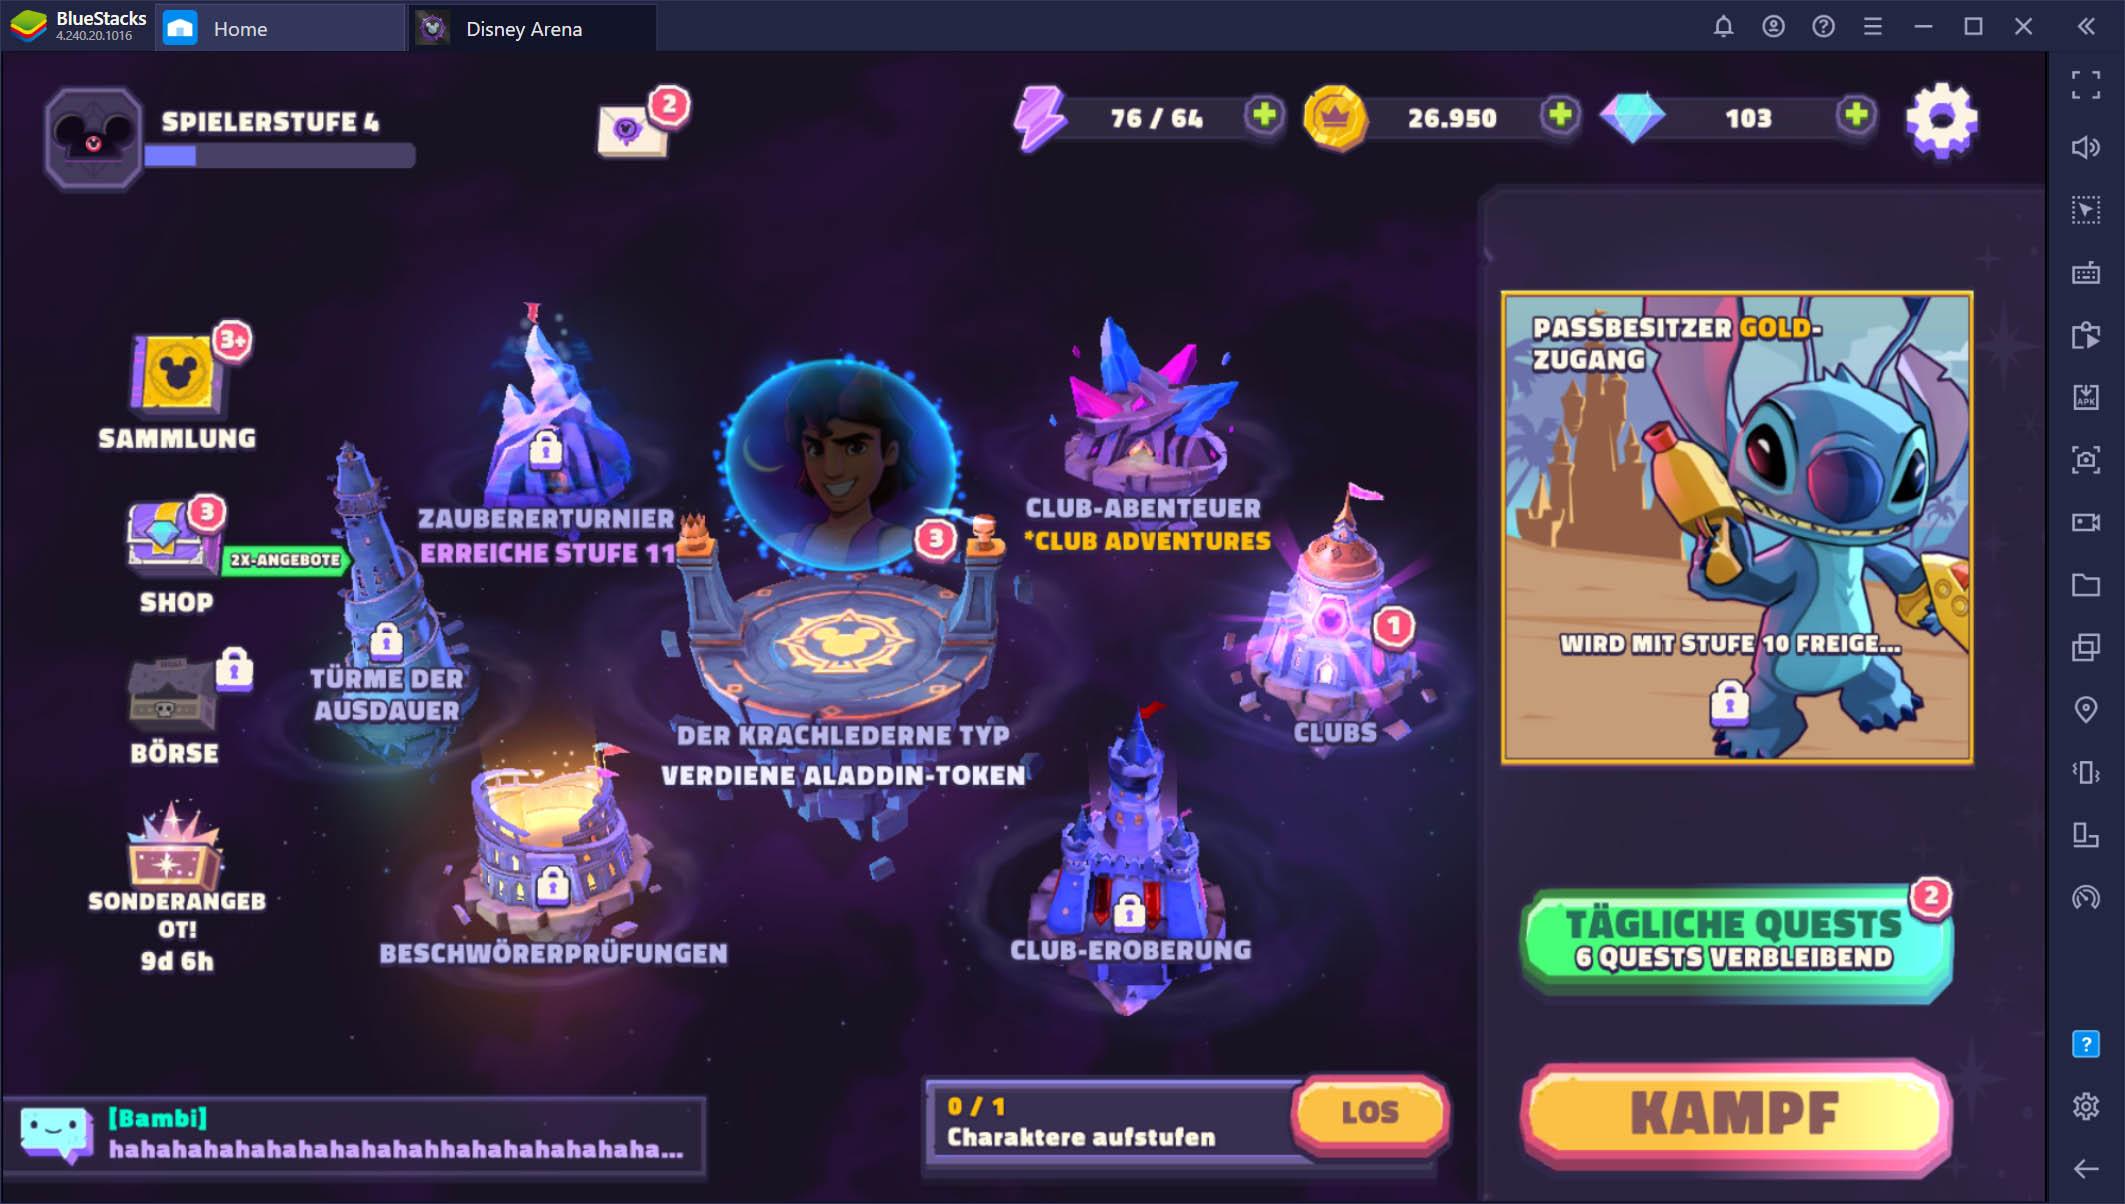 Disney Sorcerer's Arena – Betritt die Arena mit Stil